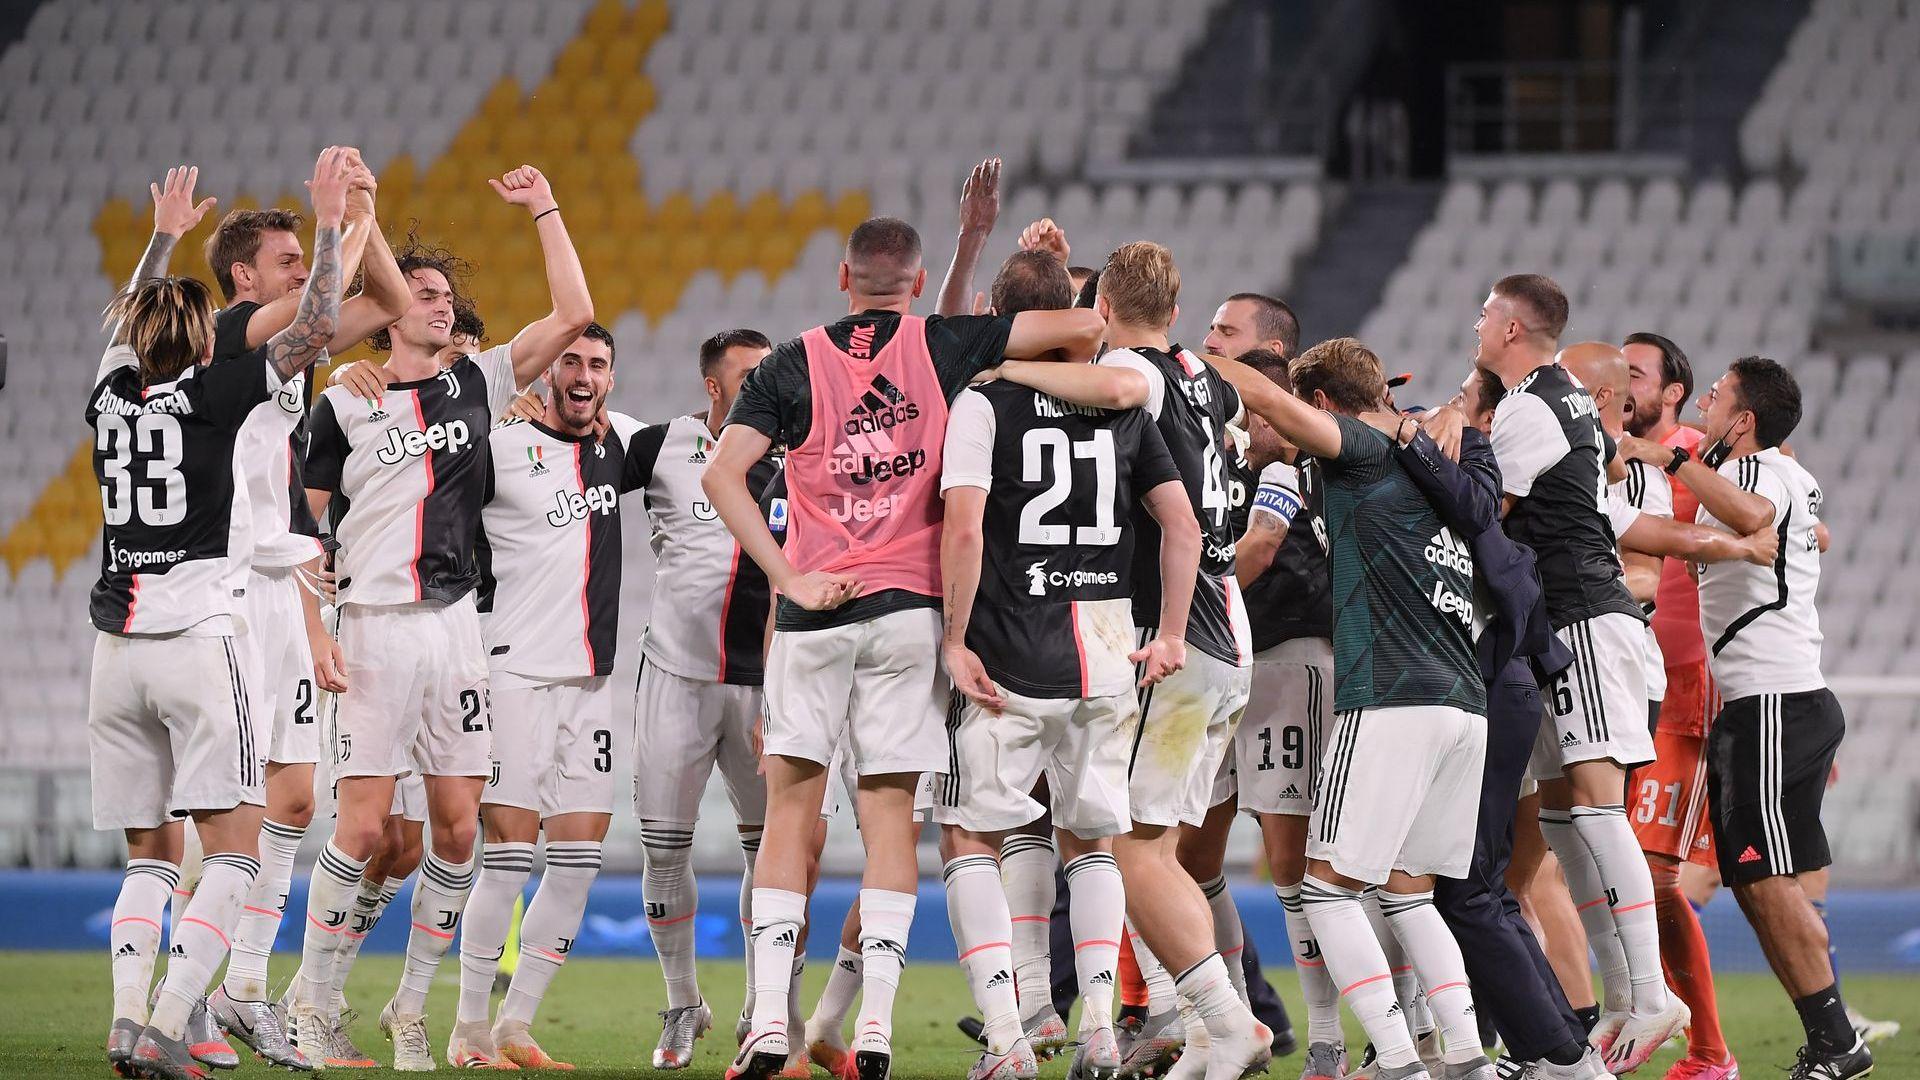 Андреа Пирло научи срещу кой отбор ще дебютира начело на Юве